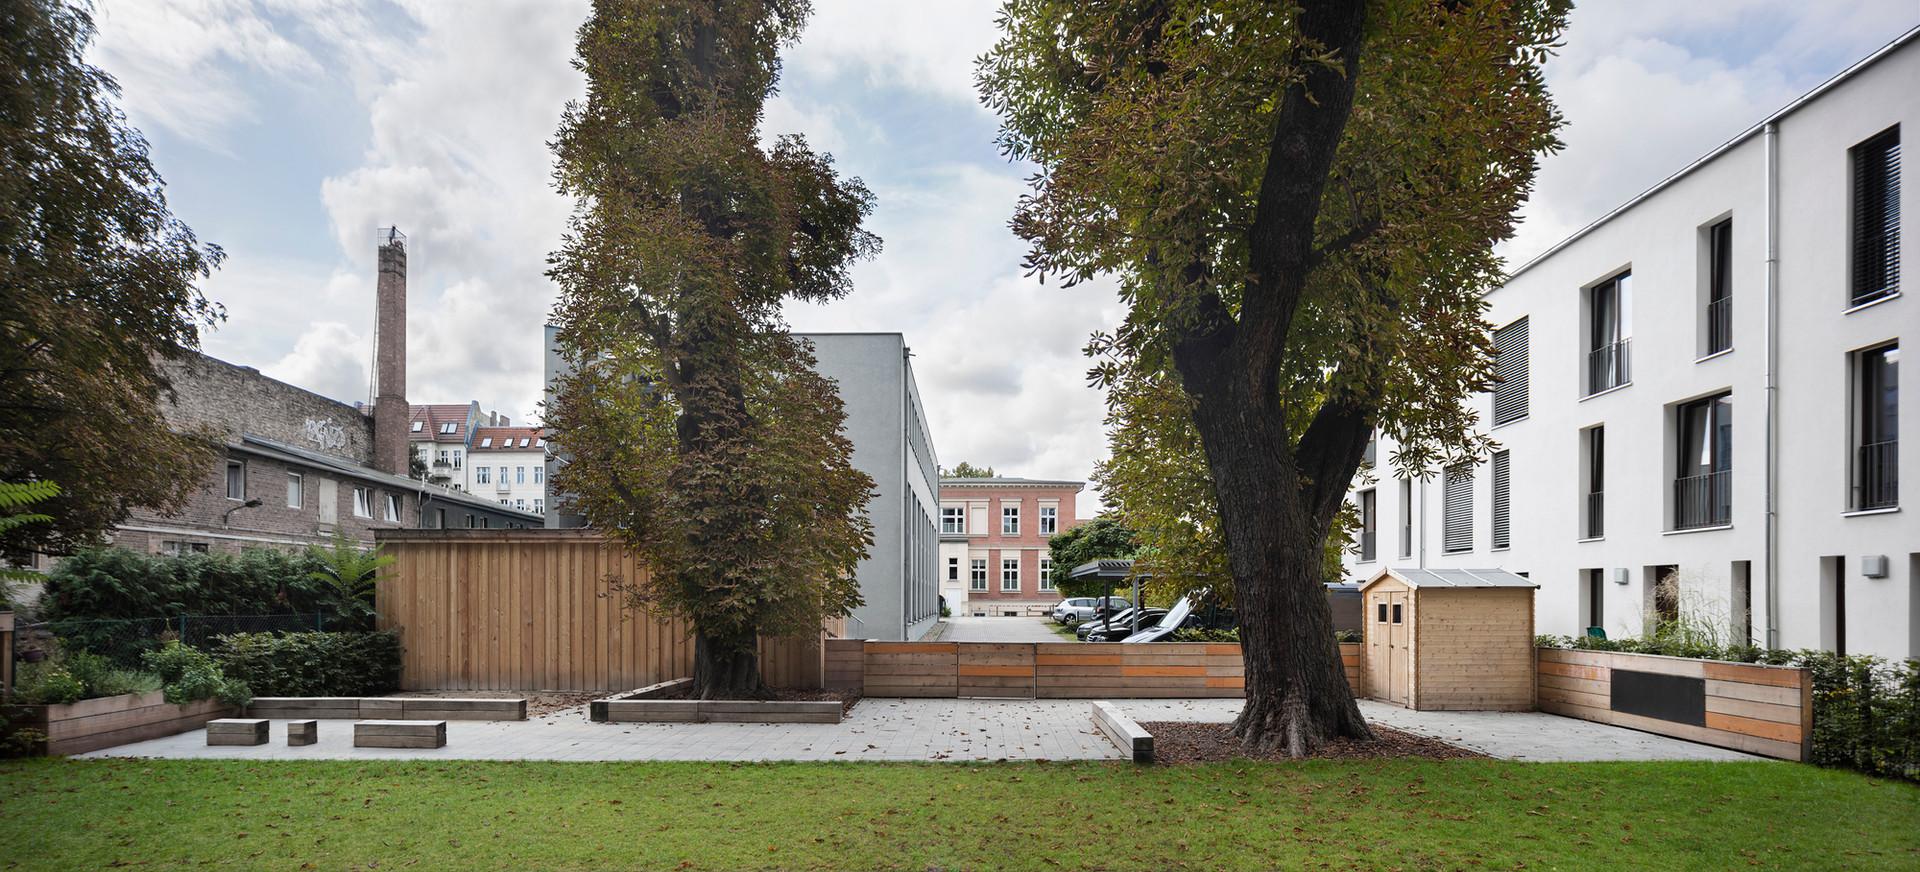 Kita El Mundo de los Ninos, Pistoriusstrasse Berlin